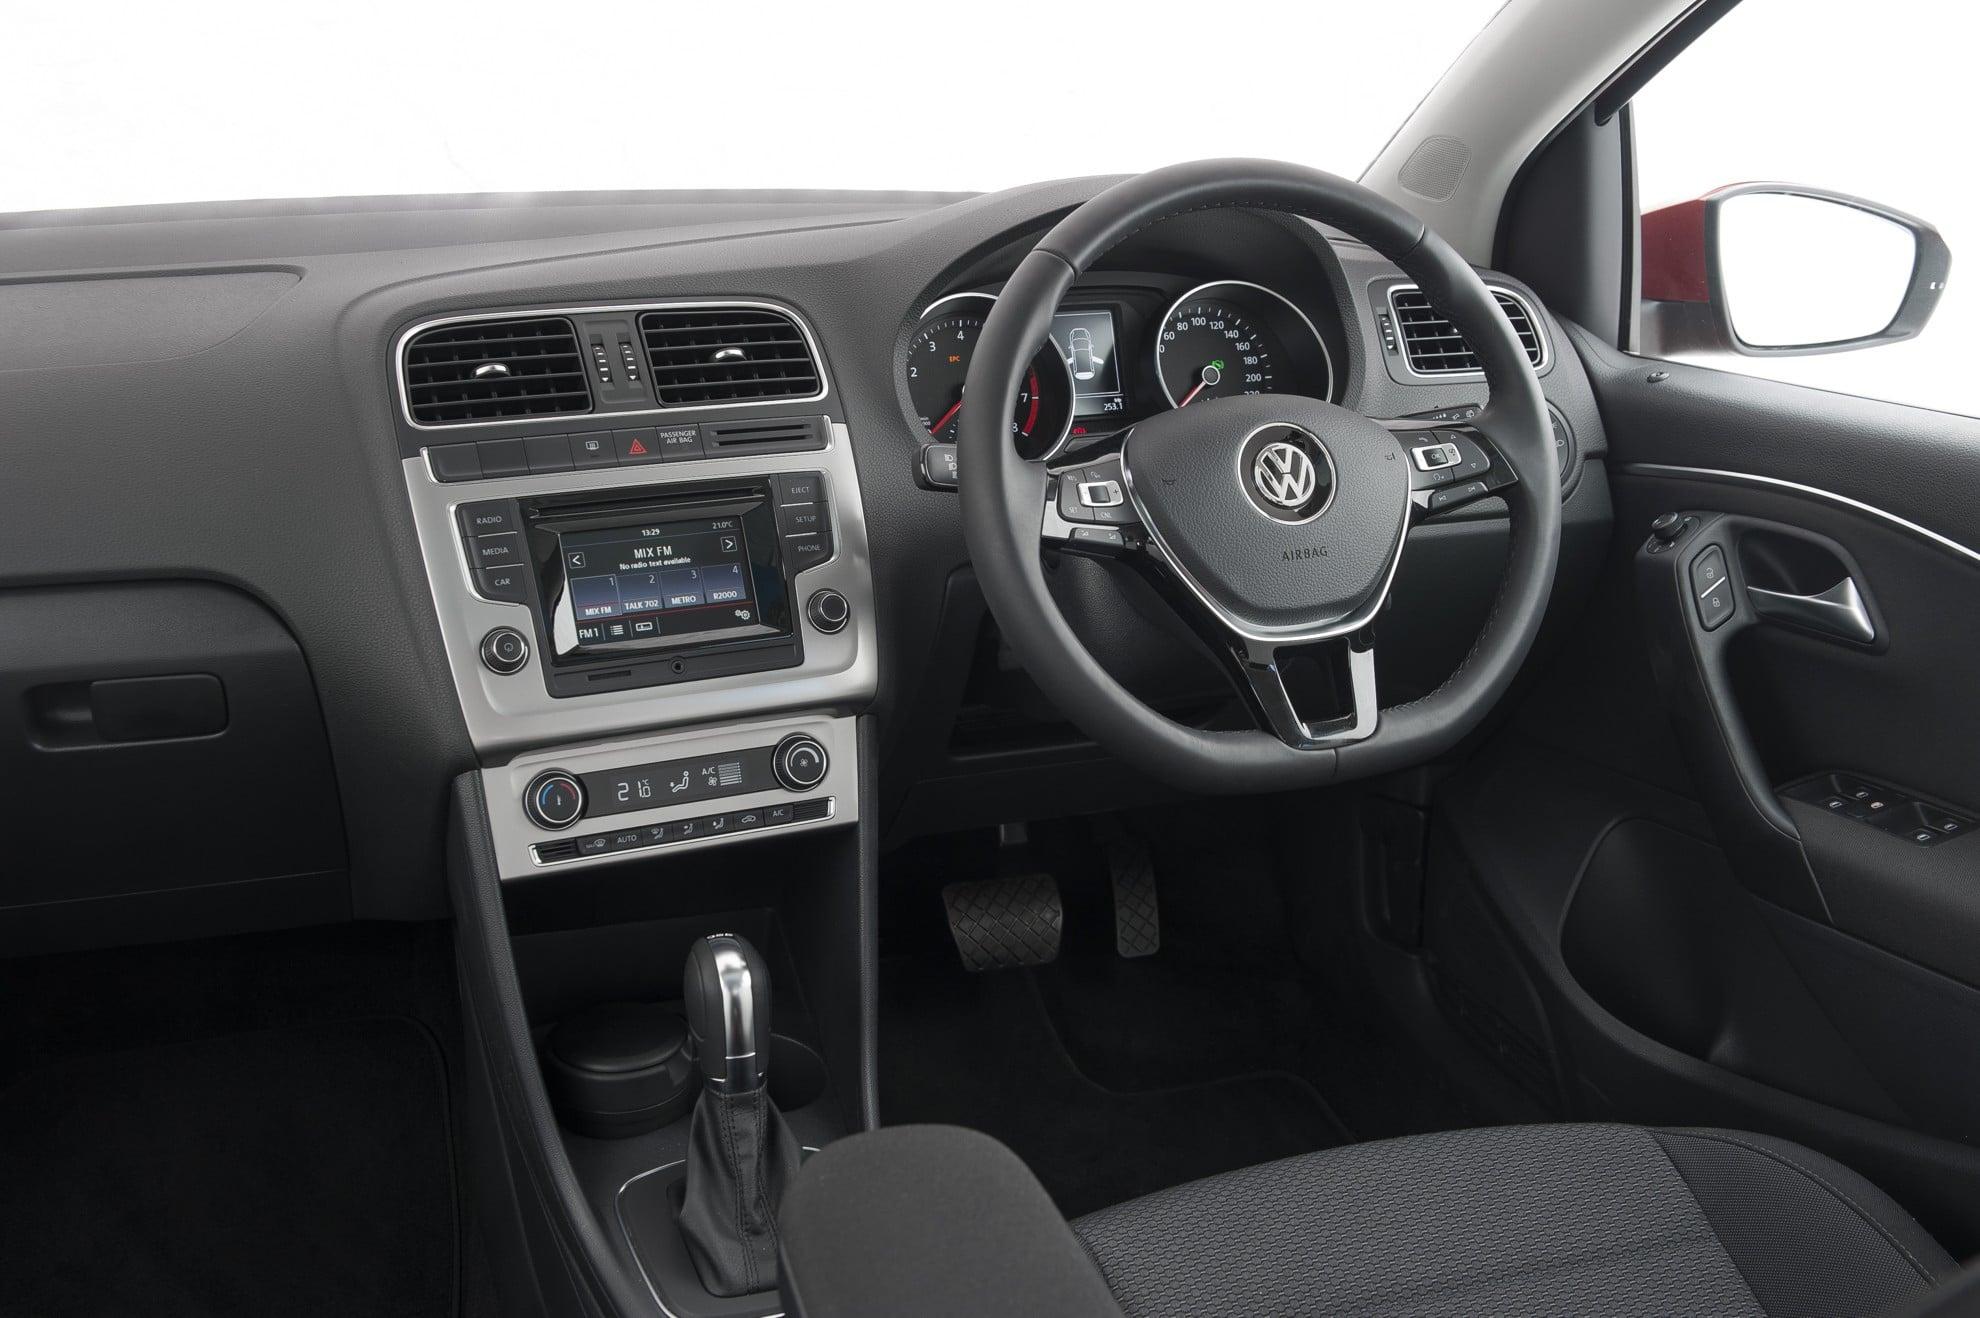 Maruti Baleno RS vs Volkswagen Polo GT Comparison of Price ...